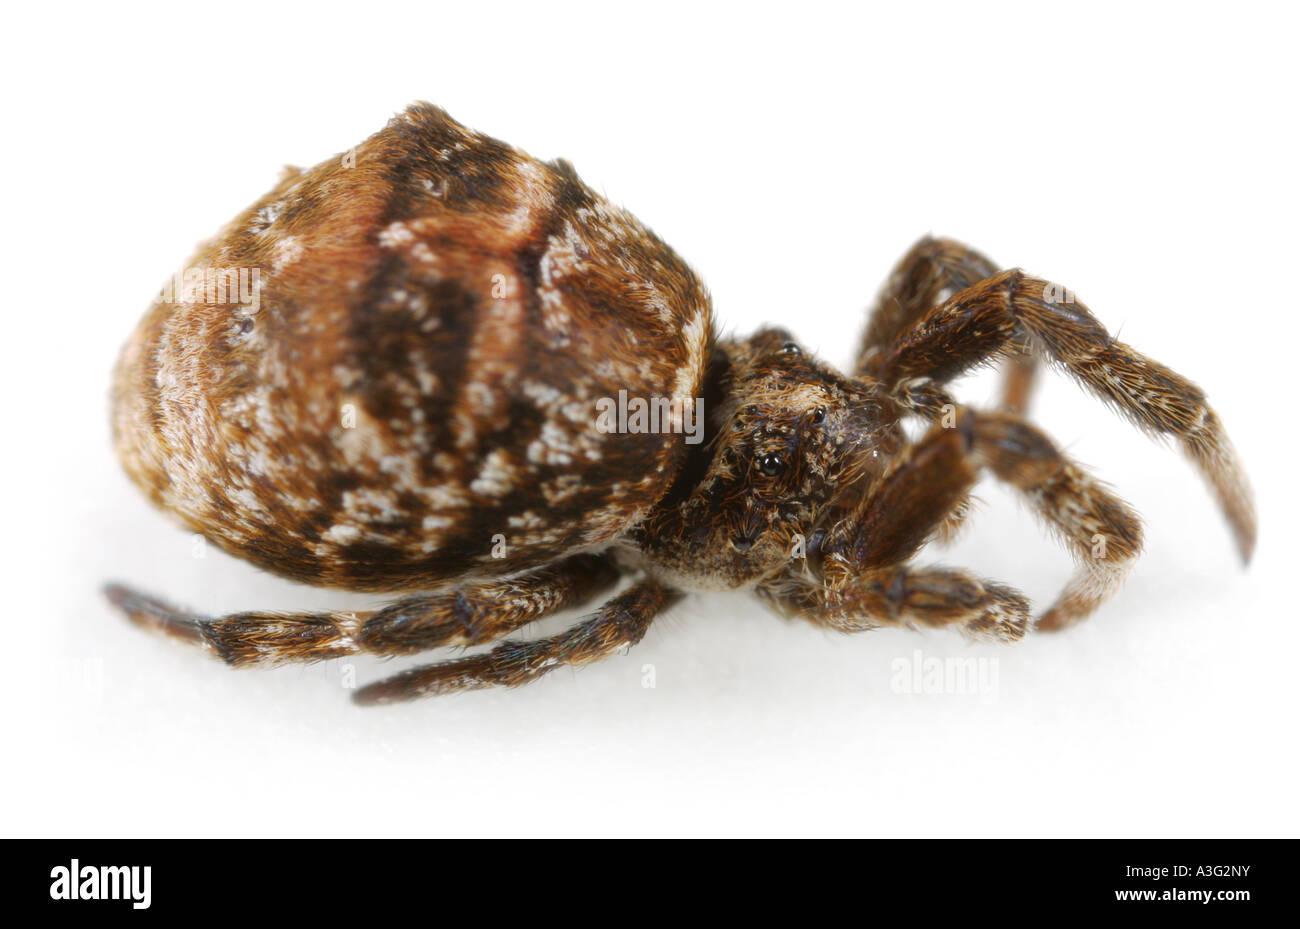 Hyptiotes paradoxus spider, family Uloboridae, on White Background. Stock Photo